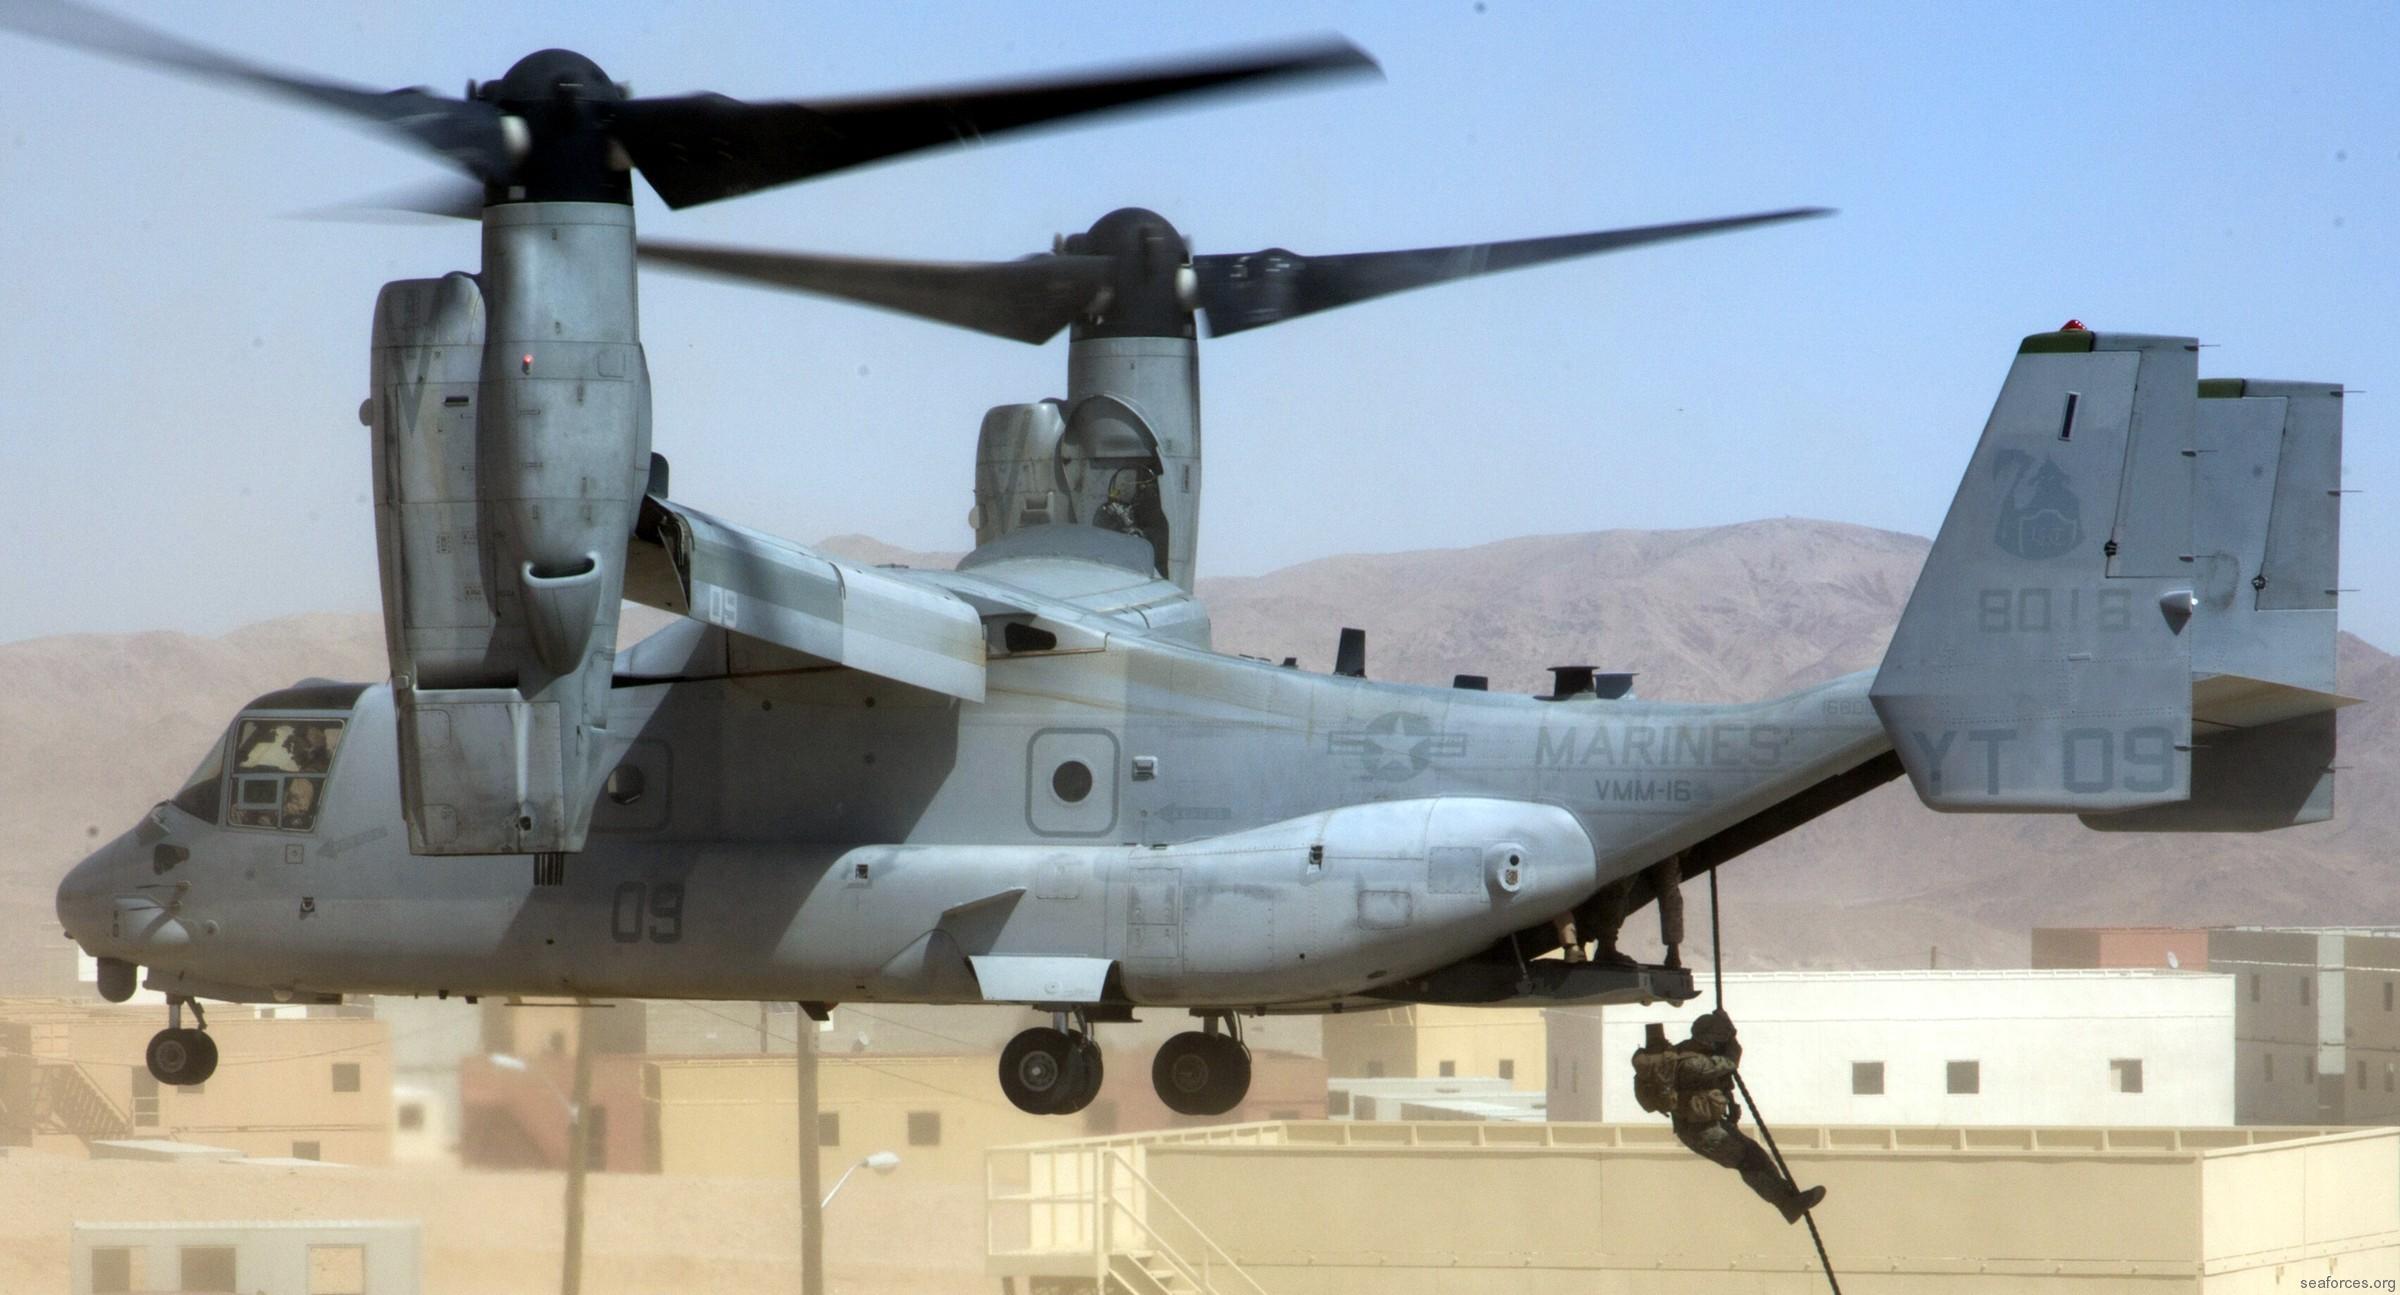 VMM-164 Knightriders Marine Medium Tiltrotor Squadron USMC